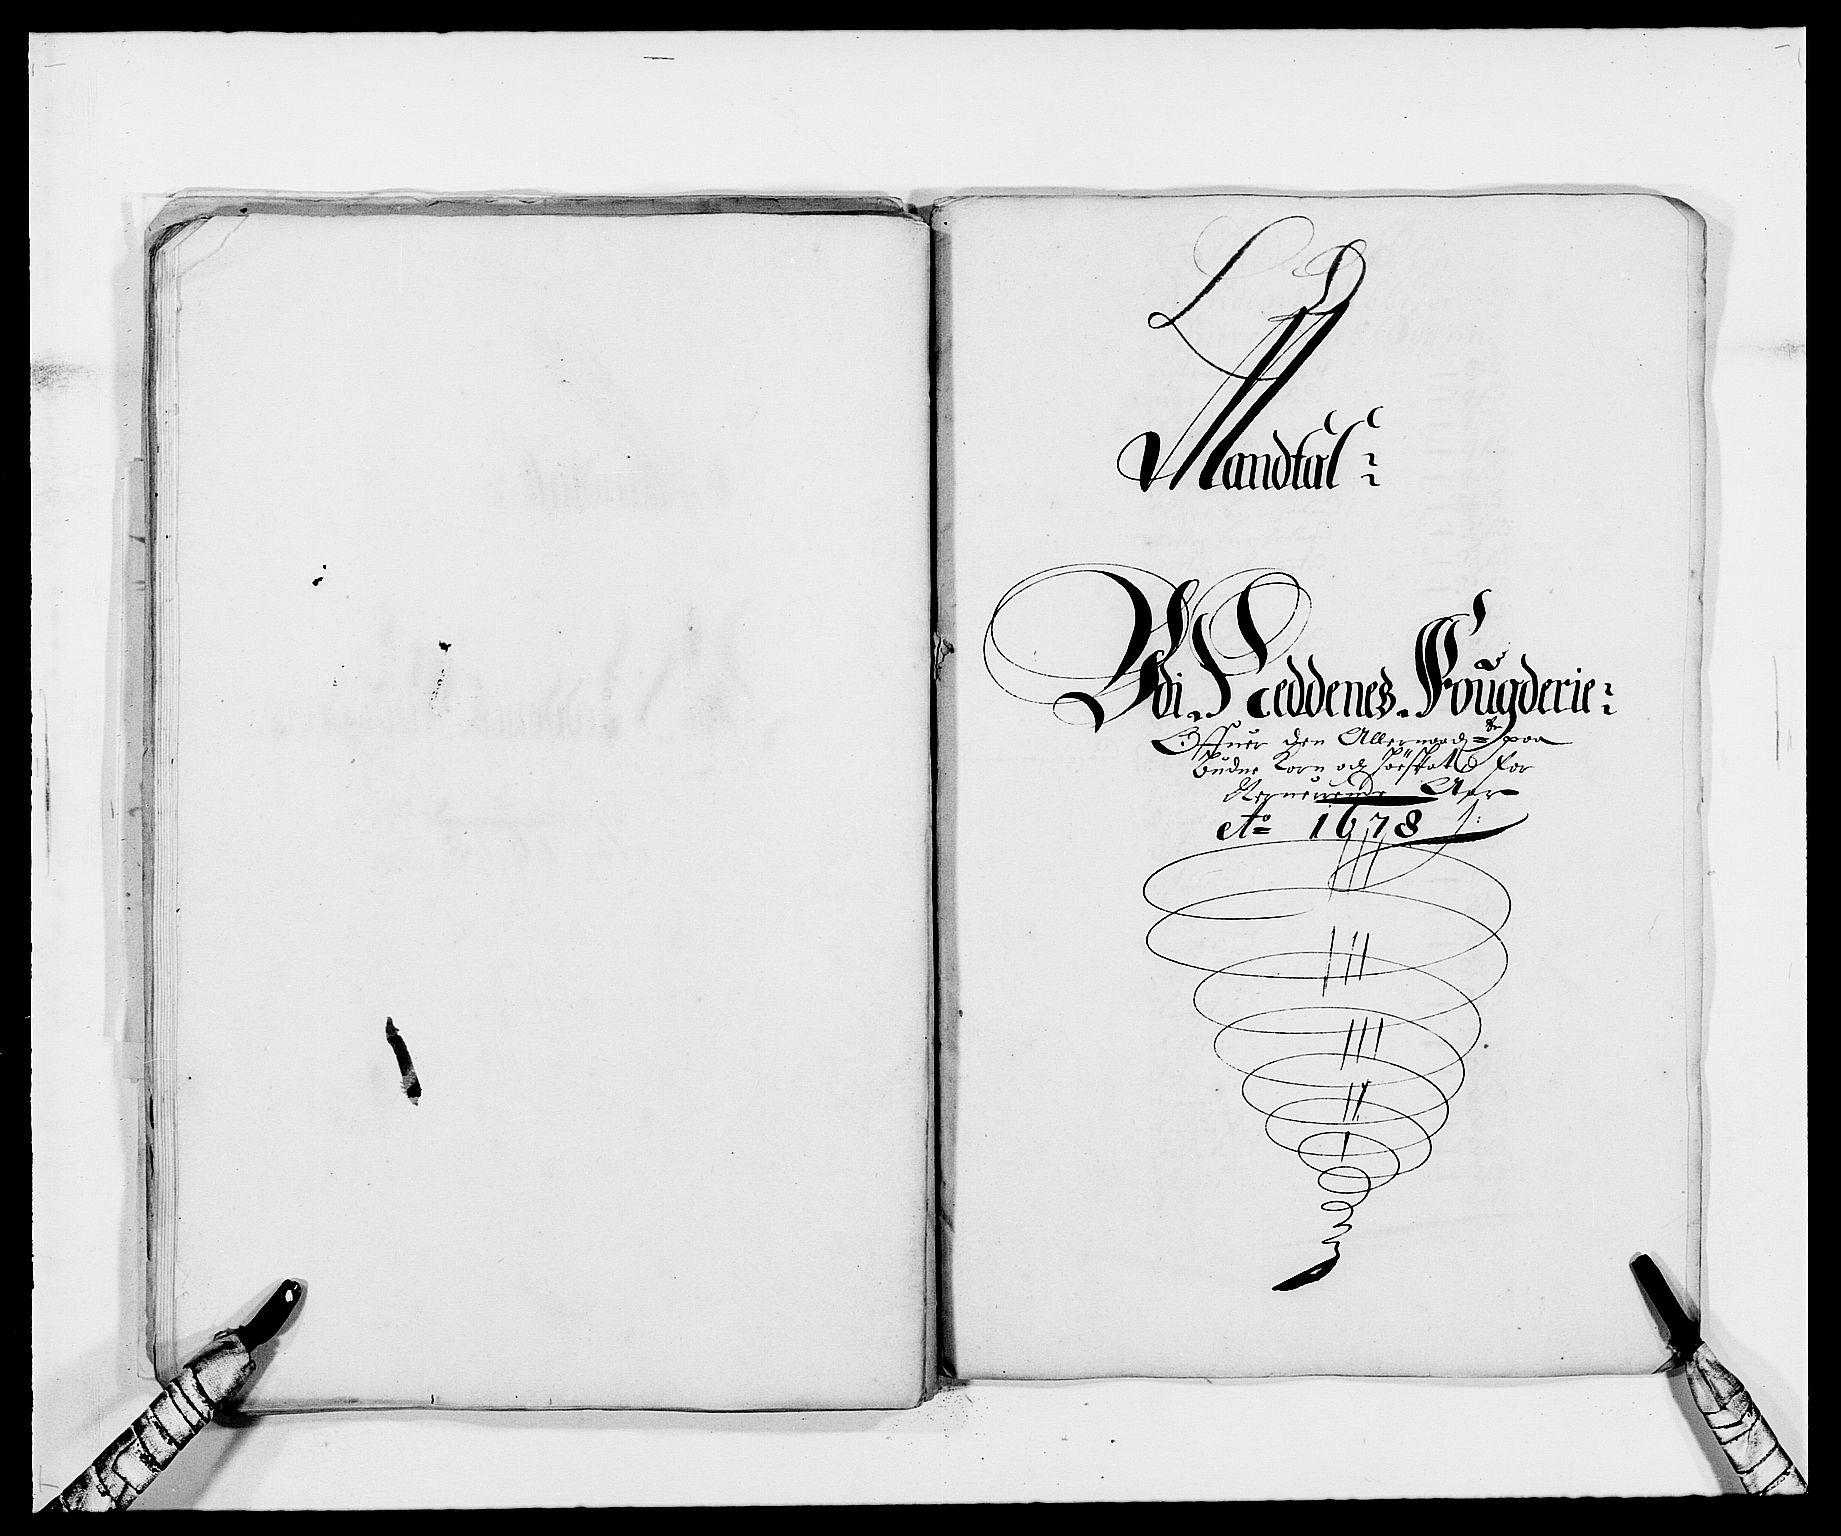 RA, Rentekammeret inntil 1814, Reviderte regnskaper, Fogderegnskap, R39/L2302: Fogderegnskap Nedenes, 1677-1678, s. 250